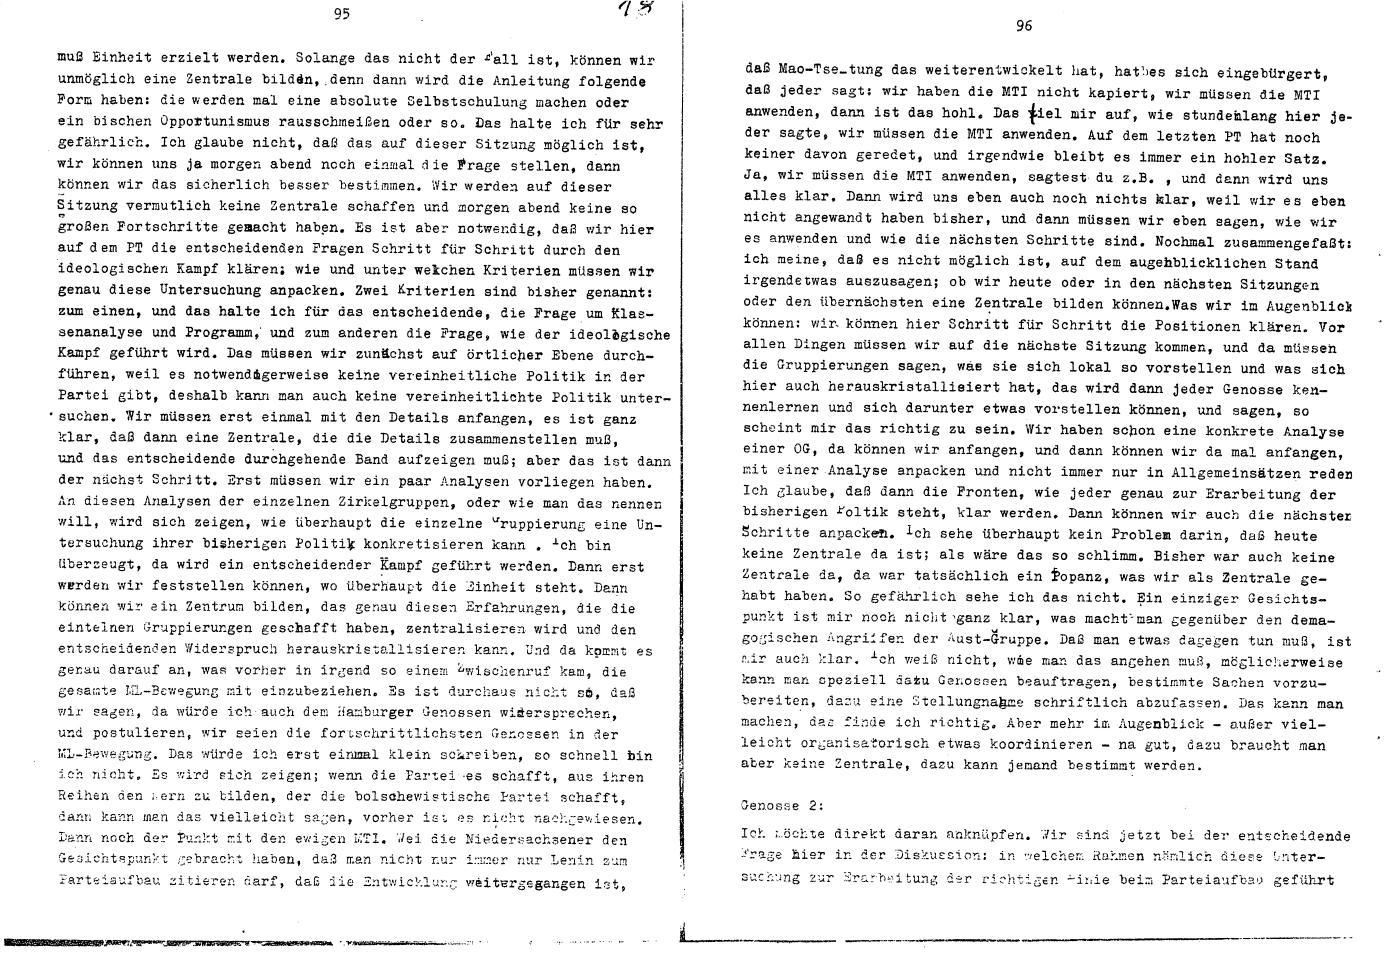 KPDML_1971_Wortprotokolle_aoPt_037